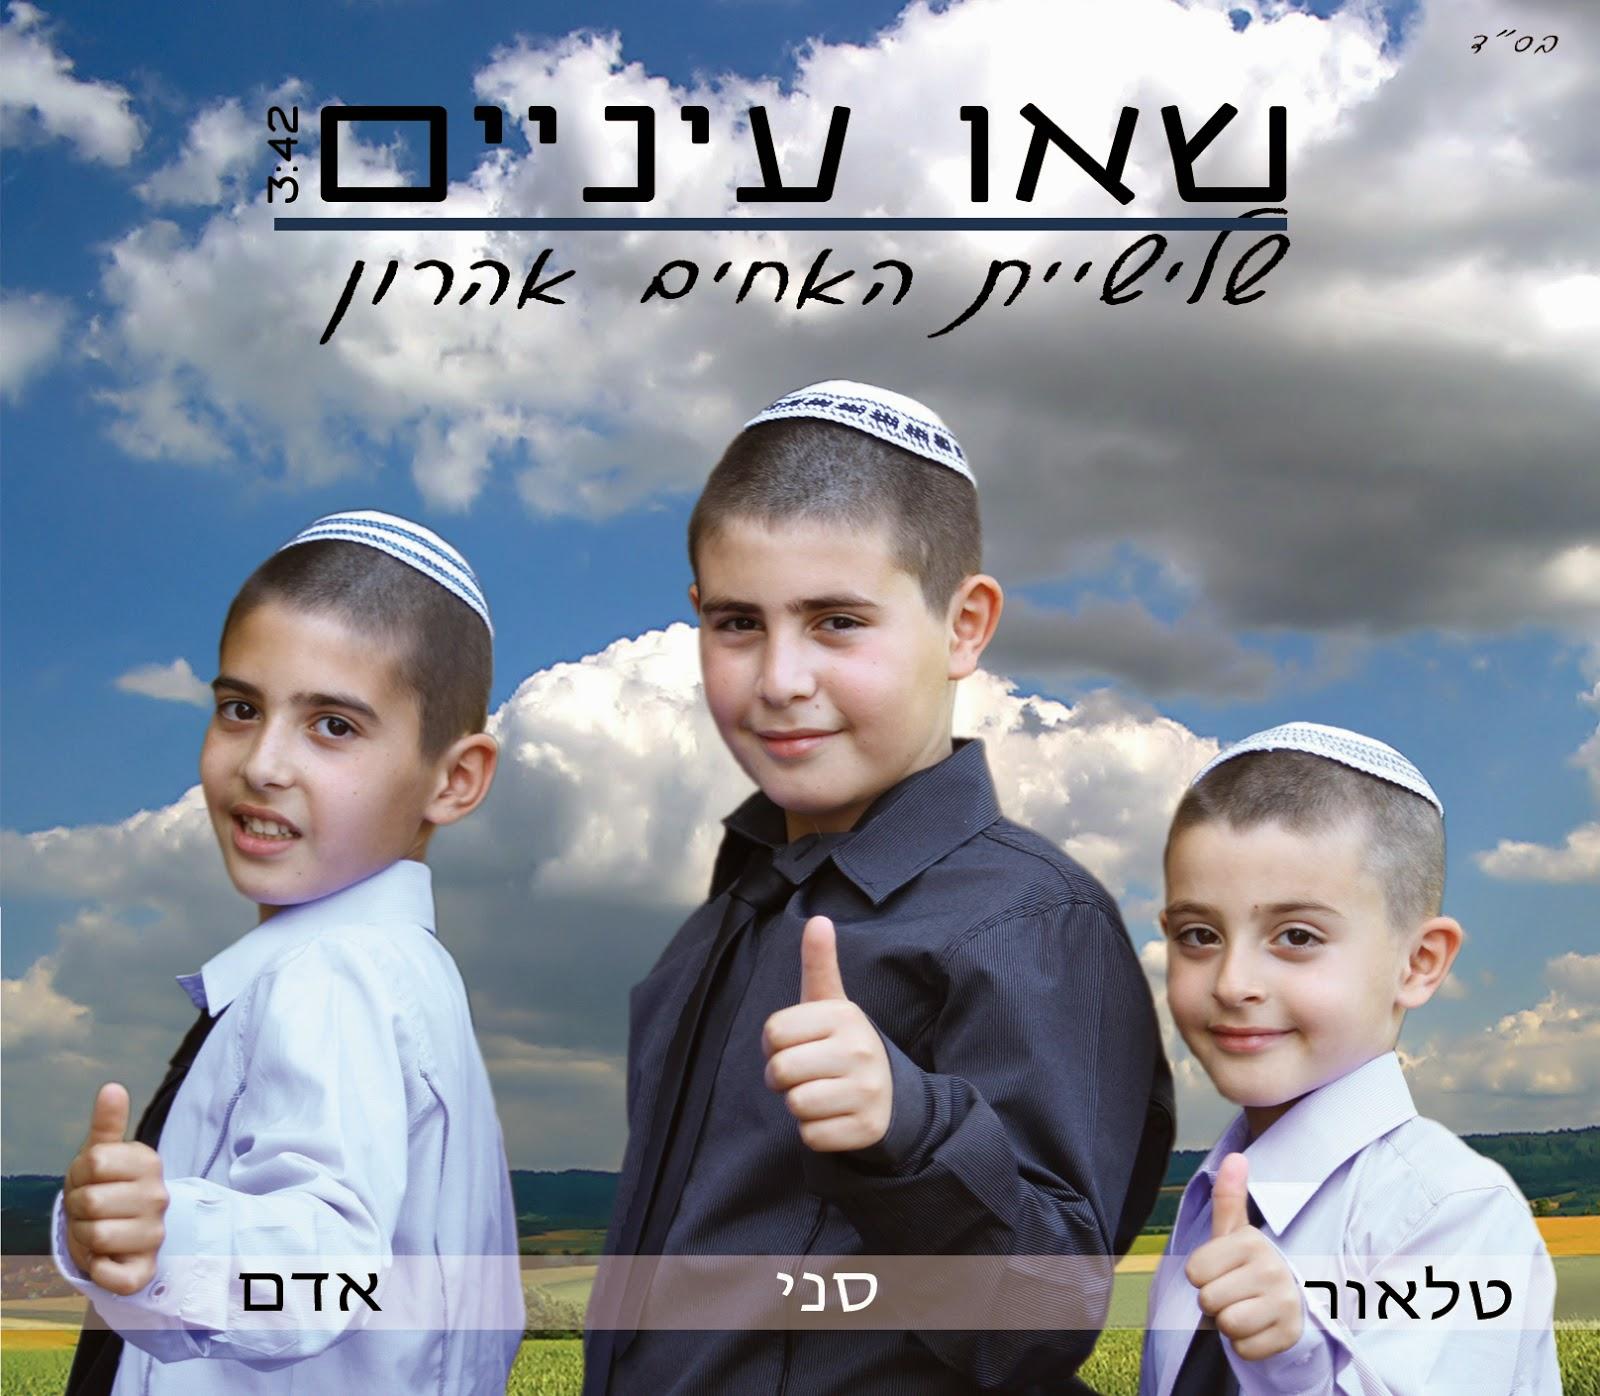 הנערים: עולם הרמיקסים והסינגלים היהודיים: יוני 2014